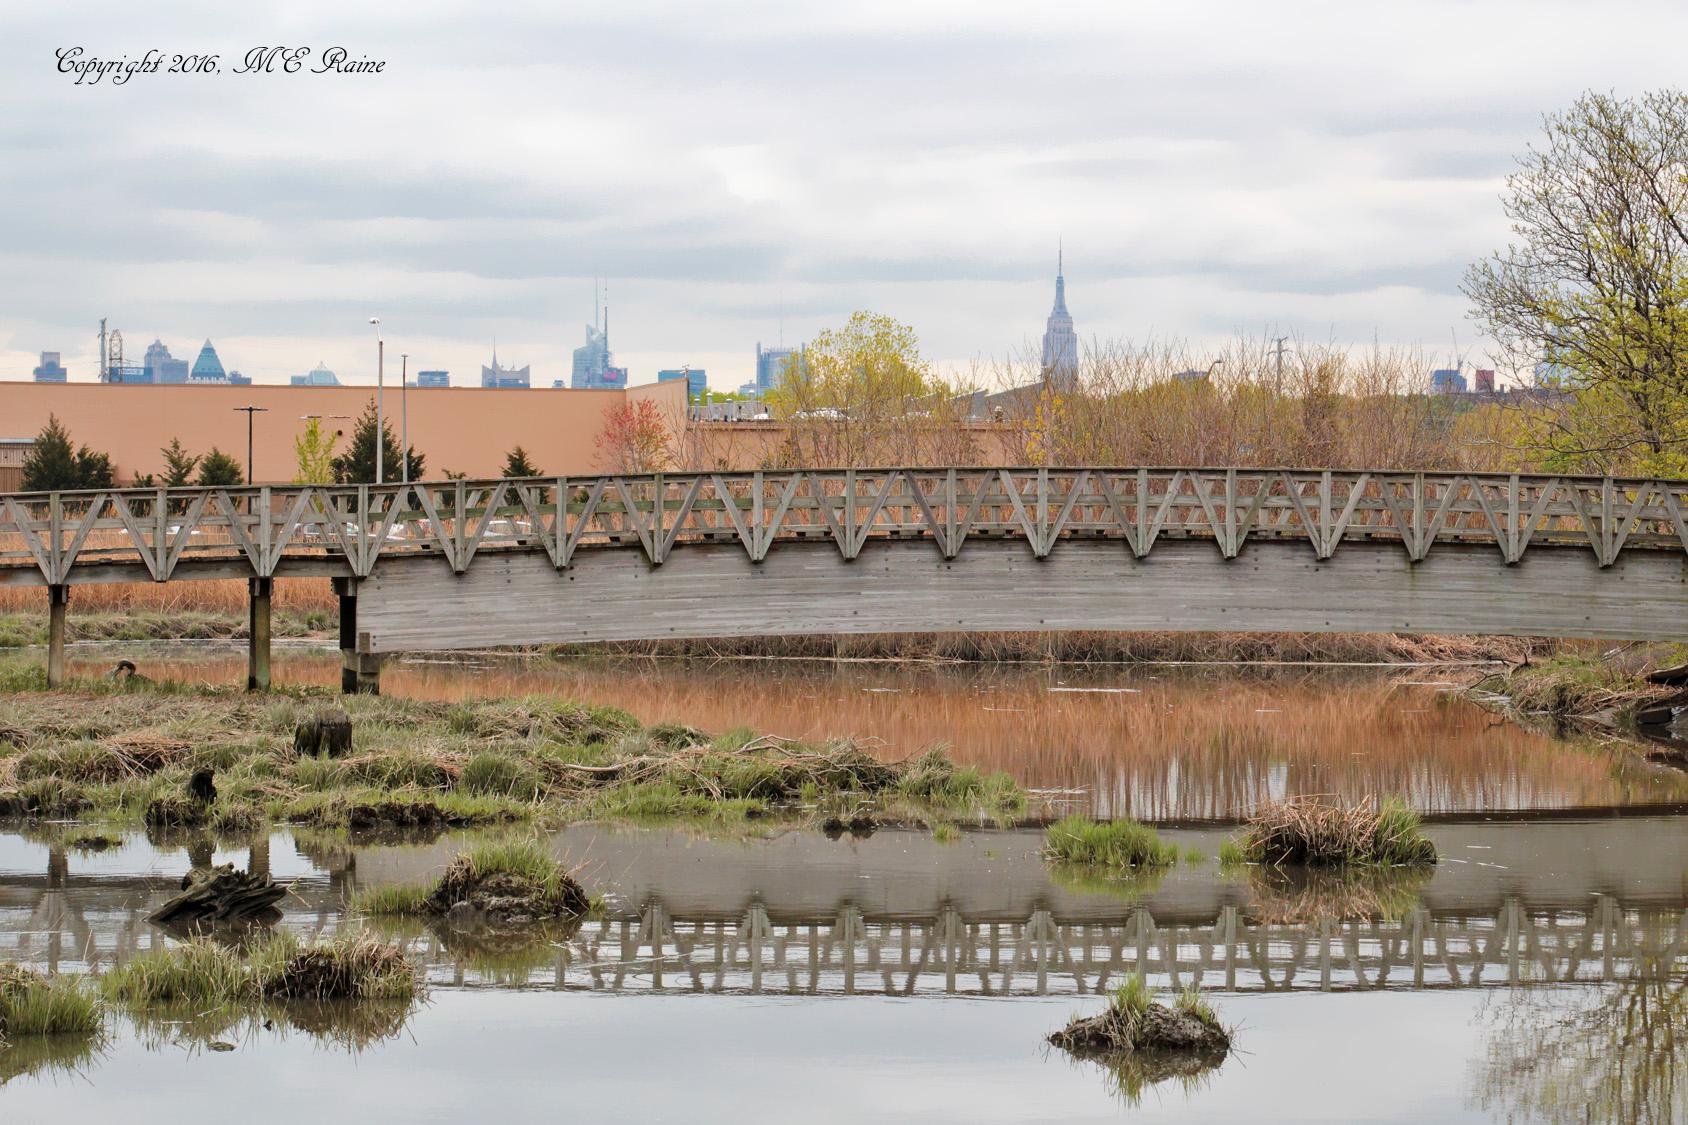 NYC View 040f MCM Mdwlnds NJ w Arched Bridge Reflection 042716 OK FLICKR